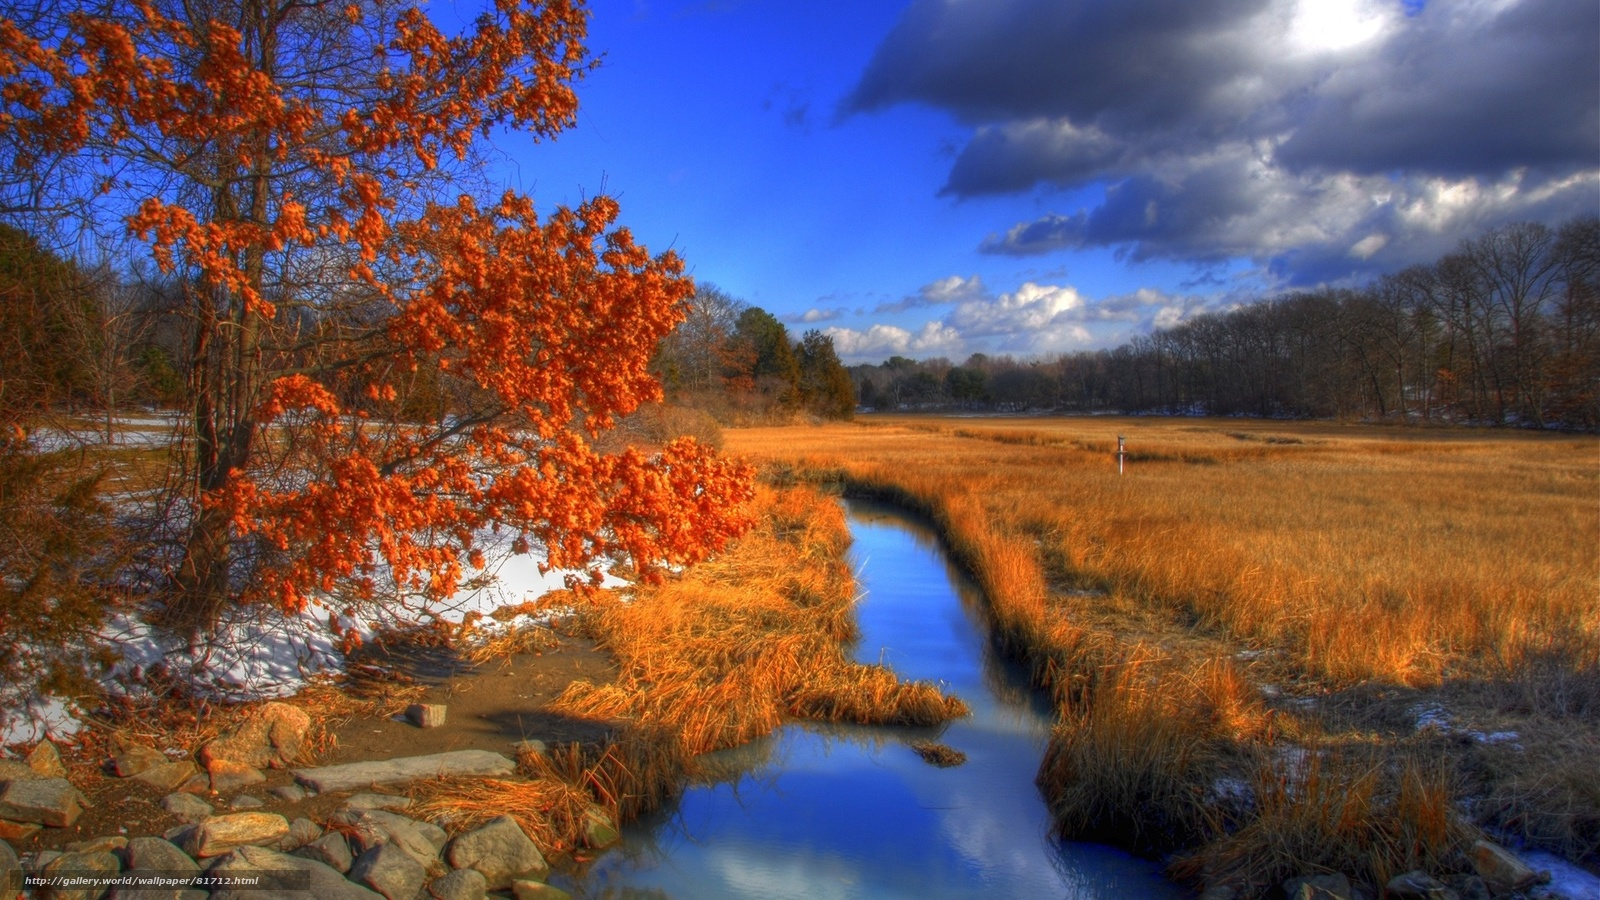 Scaricare gli sfondi autunno fiume sfondi gratis per la for Sfondi autunno hd